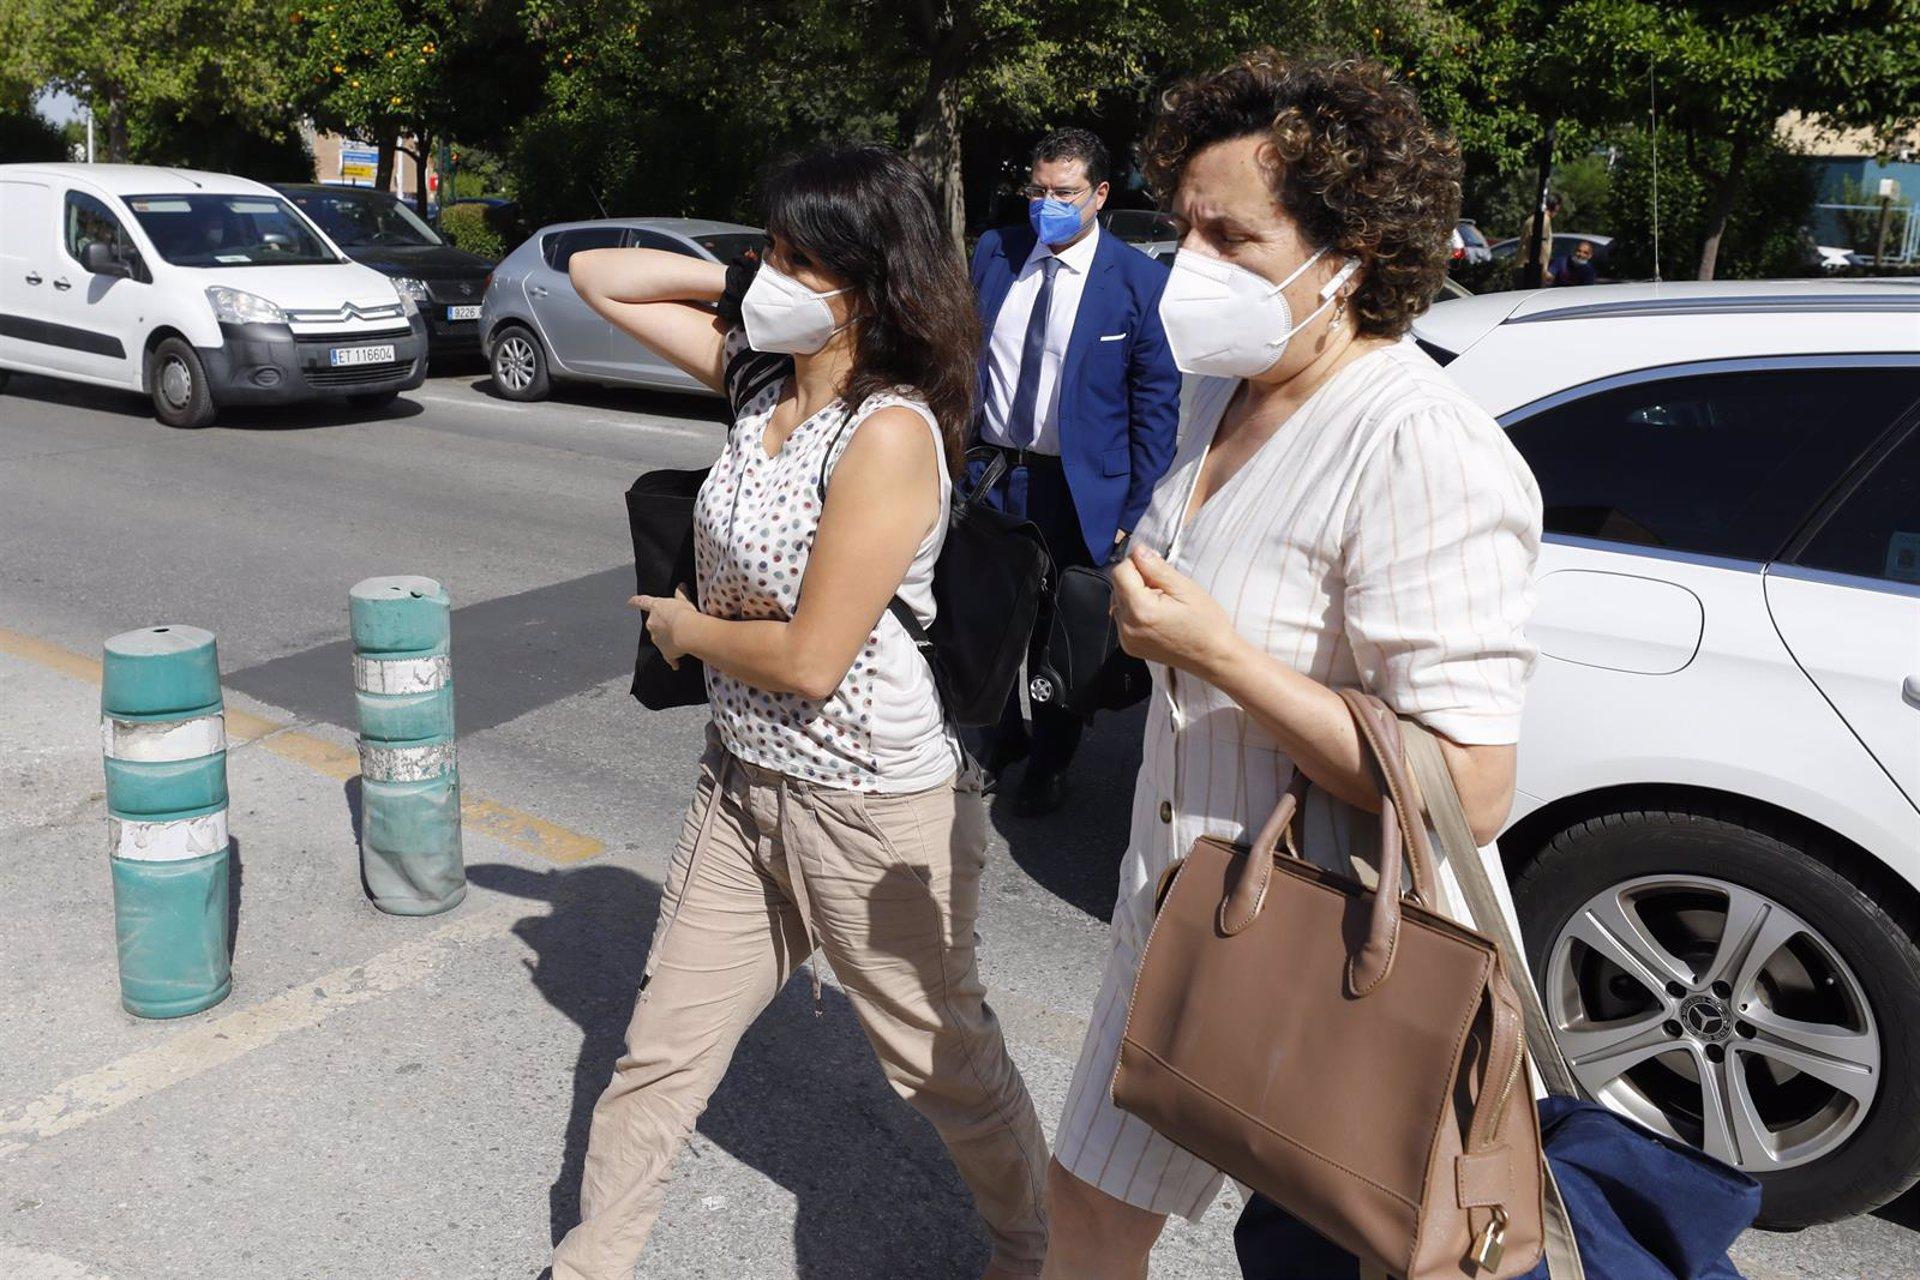 Juana Rivas ingresa en el centro Matilde Cantos para cumplir su condena a prisión